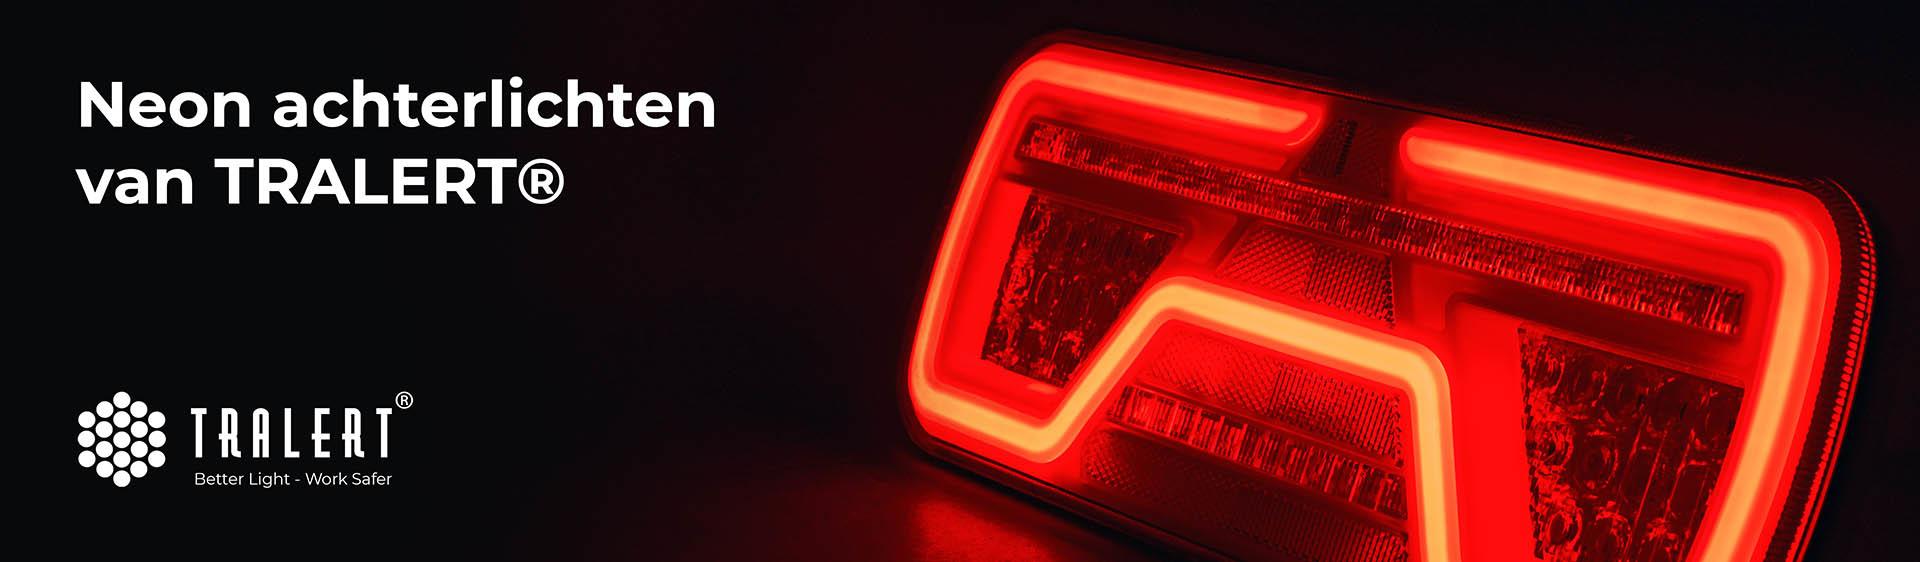 LED Neon Achterlichten Tralert banner